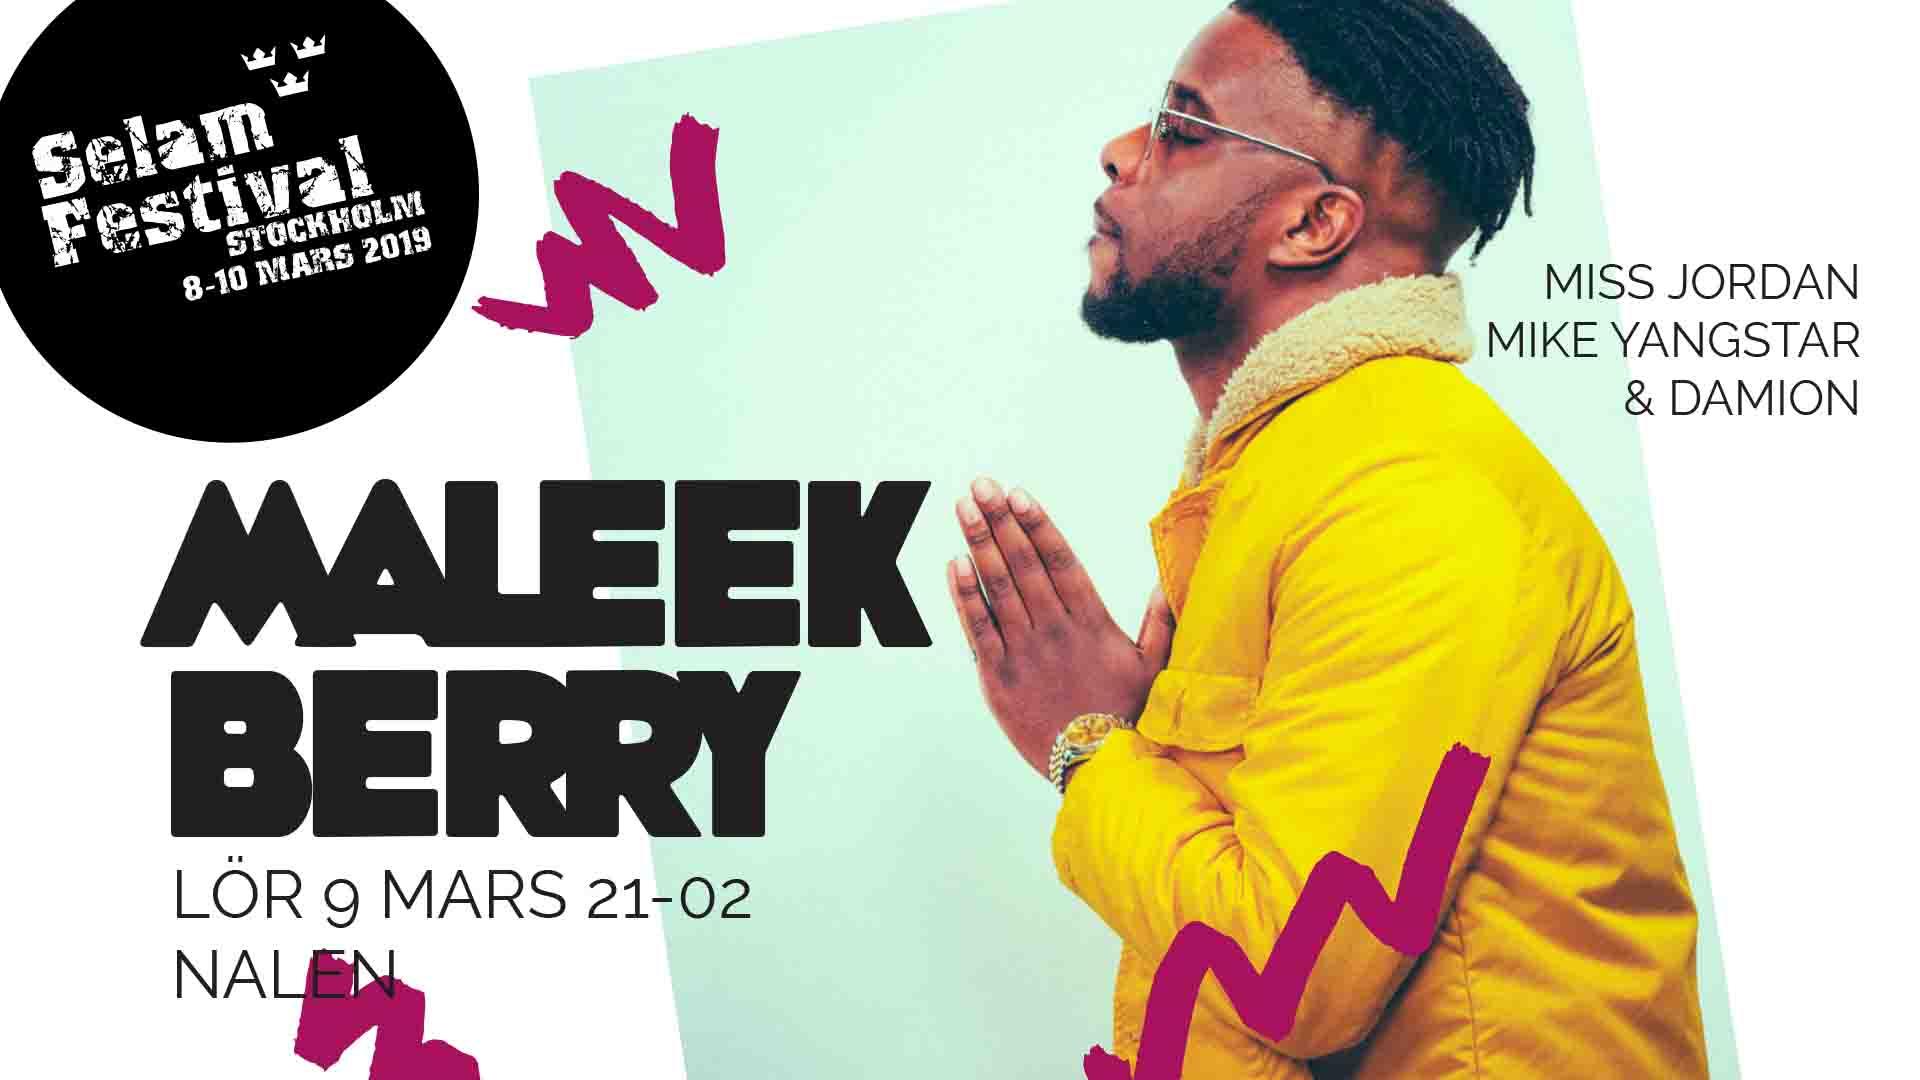 Konsert: Maleek Berry live på Selam Festival Stockholm!